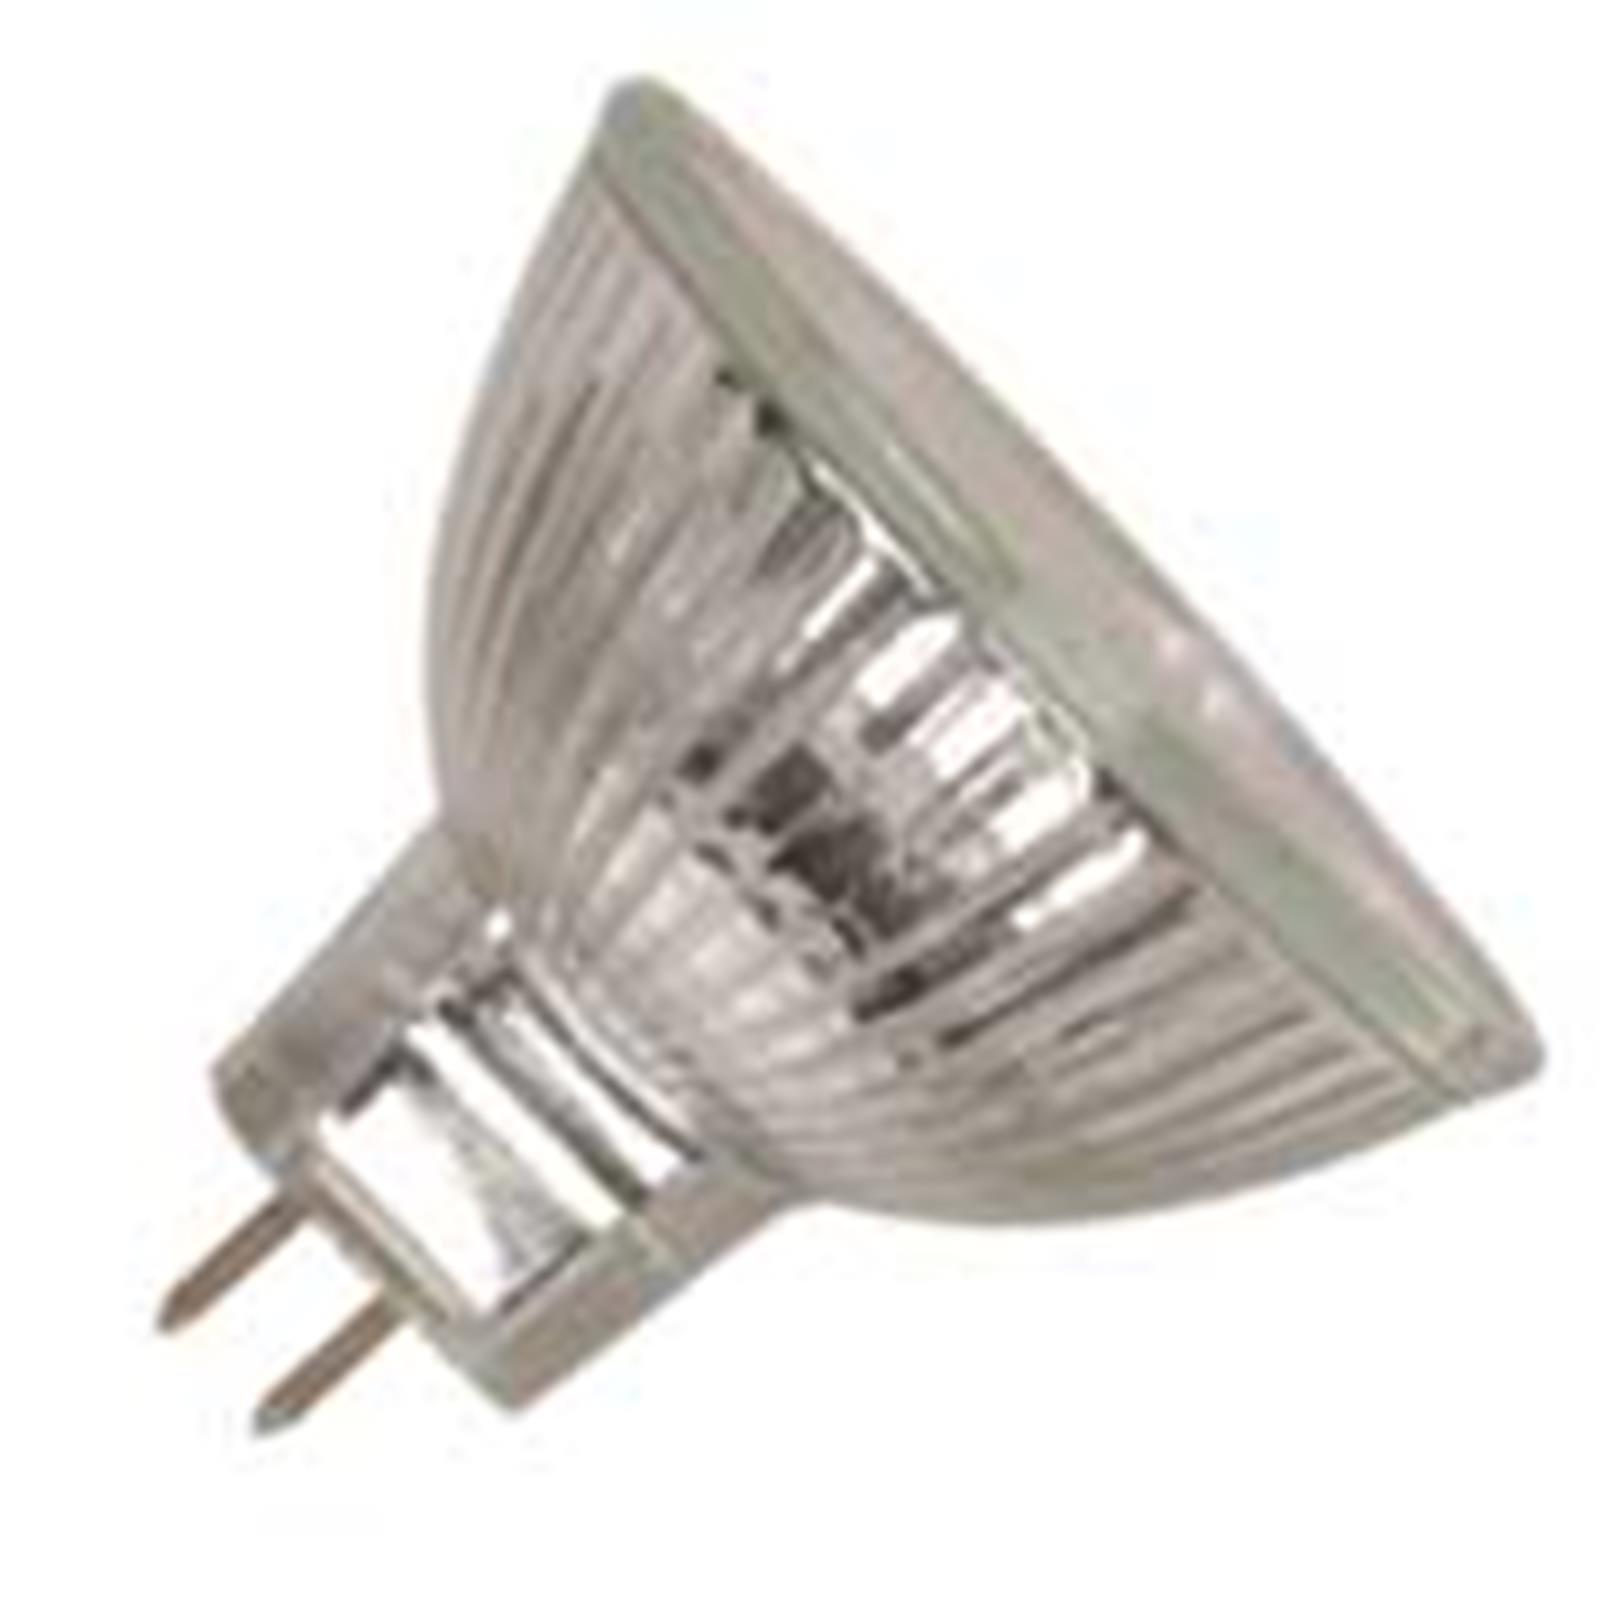 20 Qty. Halco 20W MR16 FL LNS 24V GU5.3 Prism BAB MR16BAB/L/AL/24V 20w 24v Halogen Flood w/Lens Lamp Bulb